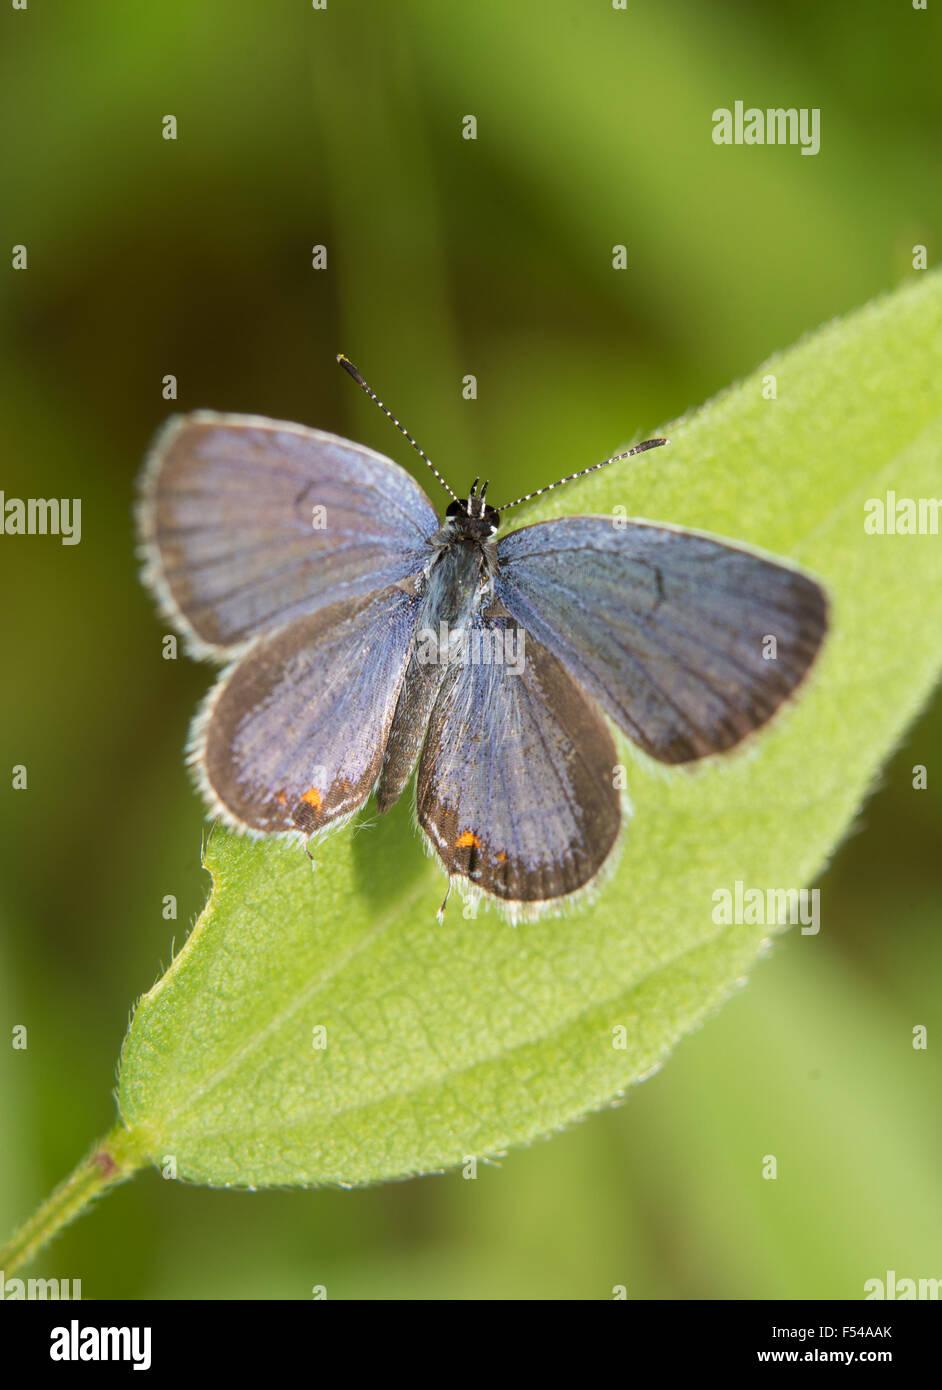 Vista dorsal de una oriental-tailed mariposa azul descansando sobre una hoja Foto de stock